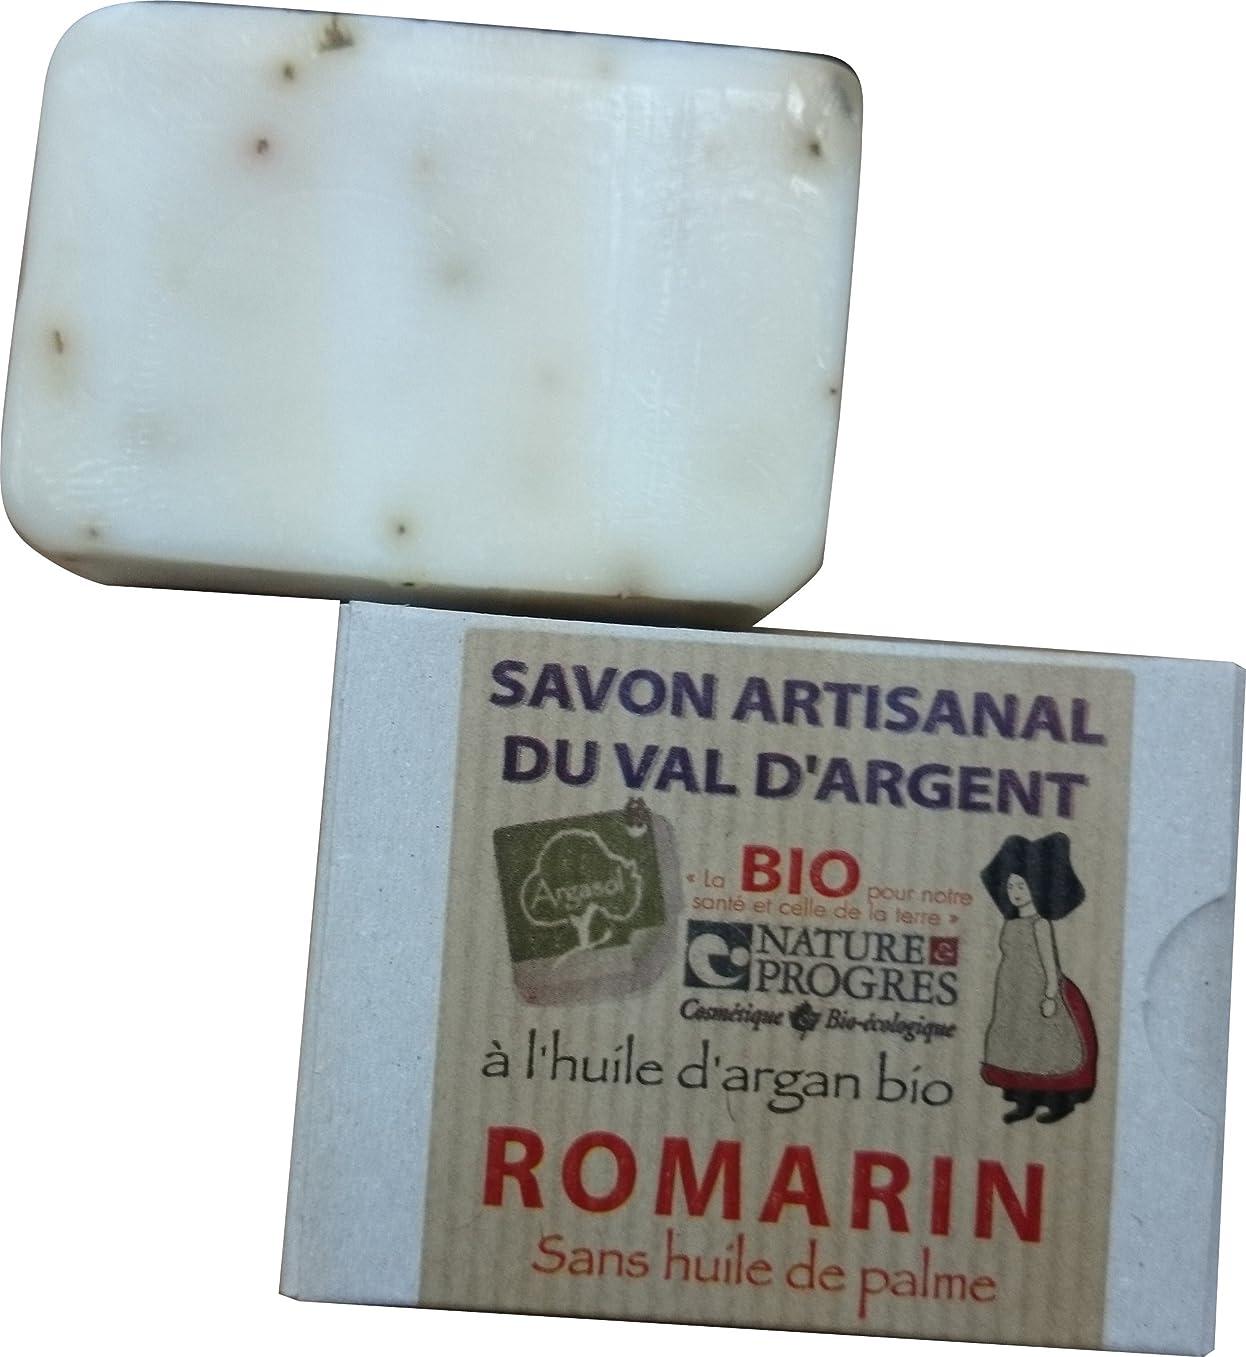 願望サイドボードパフサボン アルガソル(SAVON ARGASOL) ローズマリー